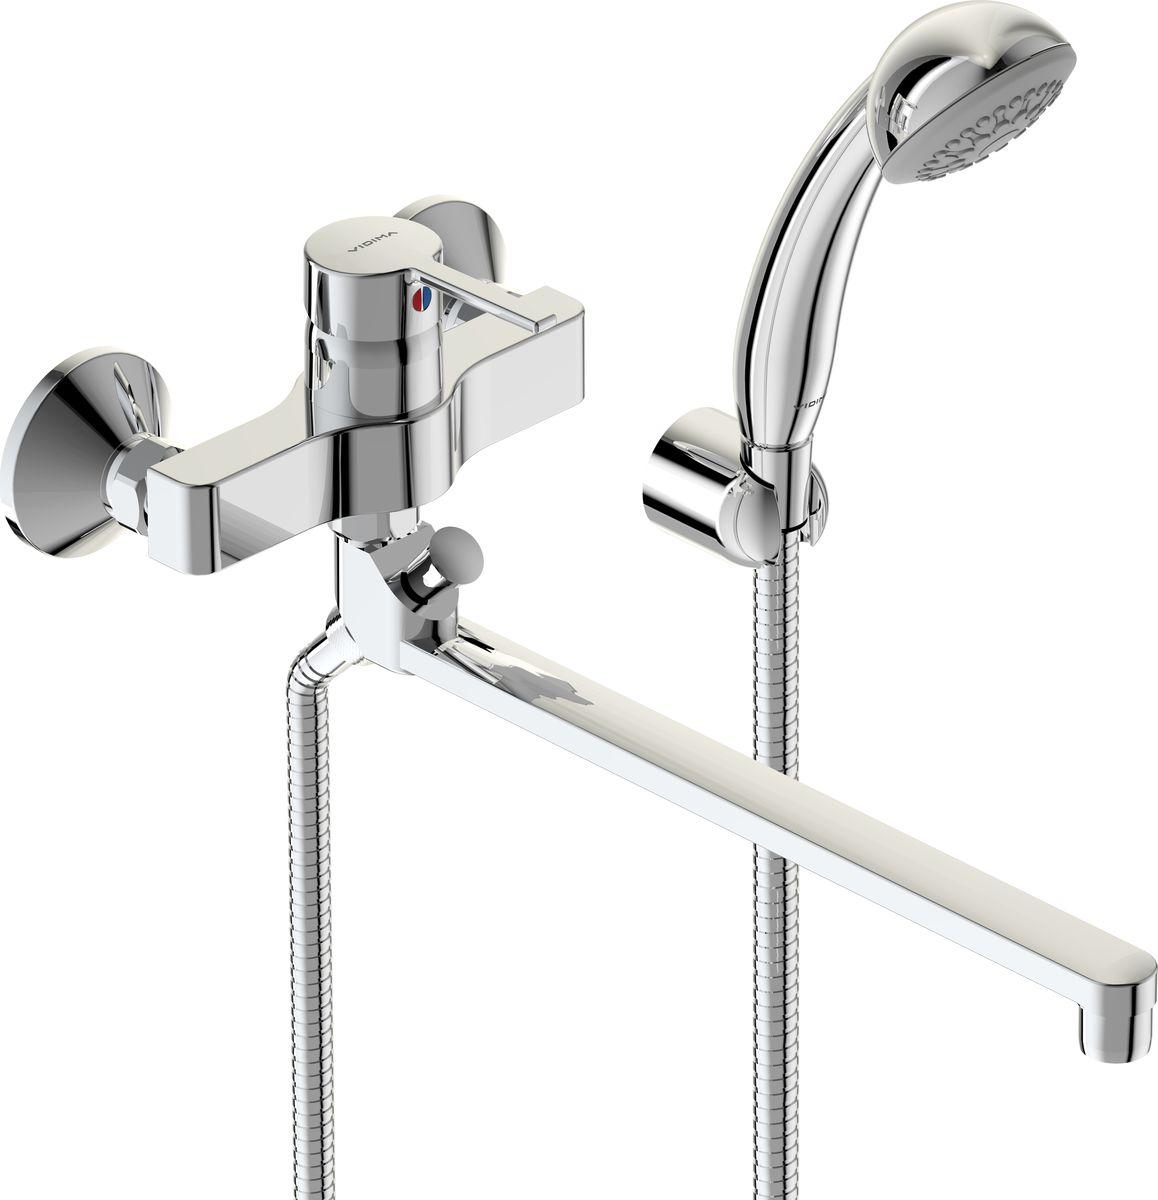 Смеситель для ванны и душа Vidima Логик, излив 320 ммBL505Смеситель для ванны и душа Vidima Логик имеет корпус и излив из 100% латуни. Изделие устанавливается на стену. Система облегченного монтажа SmartFix обеспечивает комфорт во время установки и надежность эксплуатации. Монтаж производится на стандартных эксцентриках (в комплекте: эксцентрики, металлические отражатели, уплотнительные прокладки). Смеситель снабжен трубчатым изливом с углом поворота на 360° и аэратором Perlator. Металлическая рукоятка имеет систему защиты от нагревания Comfort Touch и индикатор холодной/горячей воды. Душевой гарнитур в комплекте (душевая лейка, металлический шланг, держатель для лейки). Переключение ванна/душ ручное. Возможность использовать функцию душ даже при очень низком давлении воды. Технические характеристики: Высота излива: 320 мм. Расстояние от стены до аэратора: 381 мм. Диаметр душевой лейки: 70 мм. Длина шланга: 150 см.